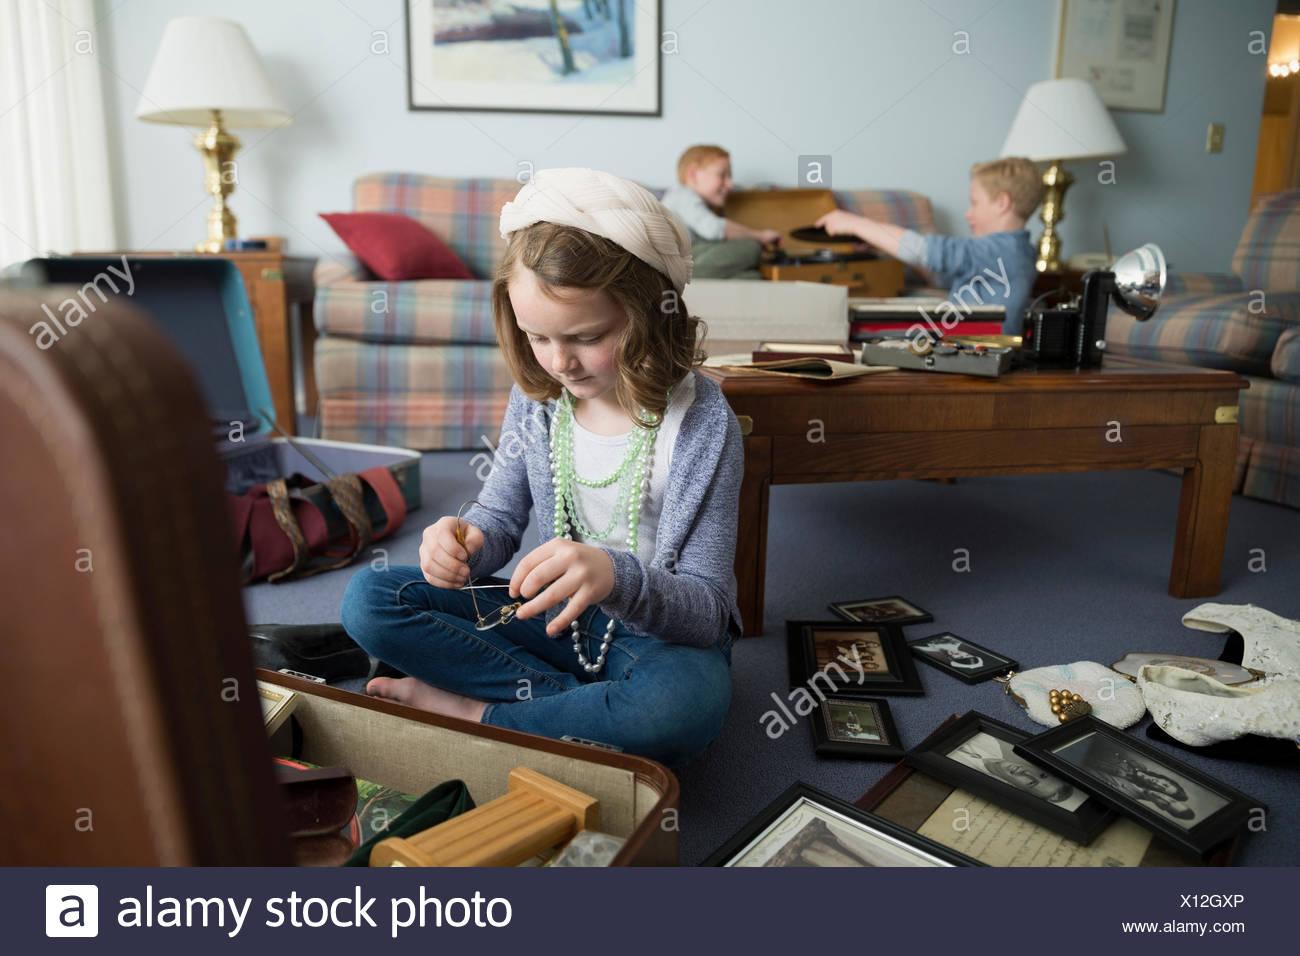 Curieux girl en passant par memorabilia Photo Stock